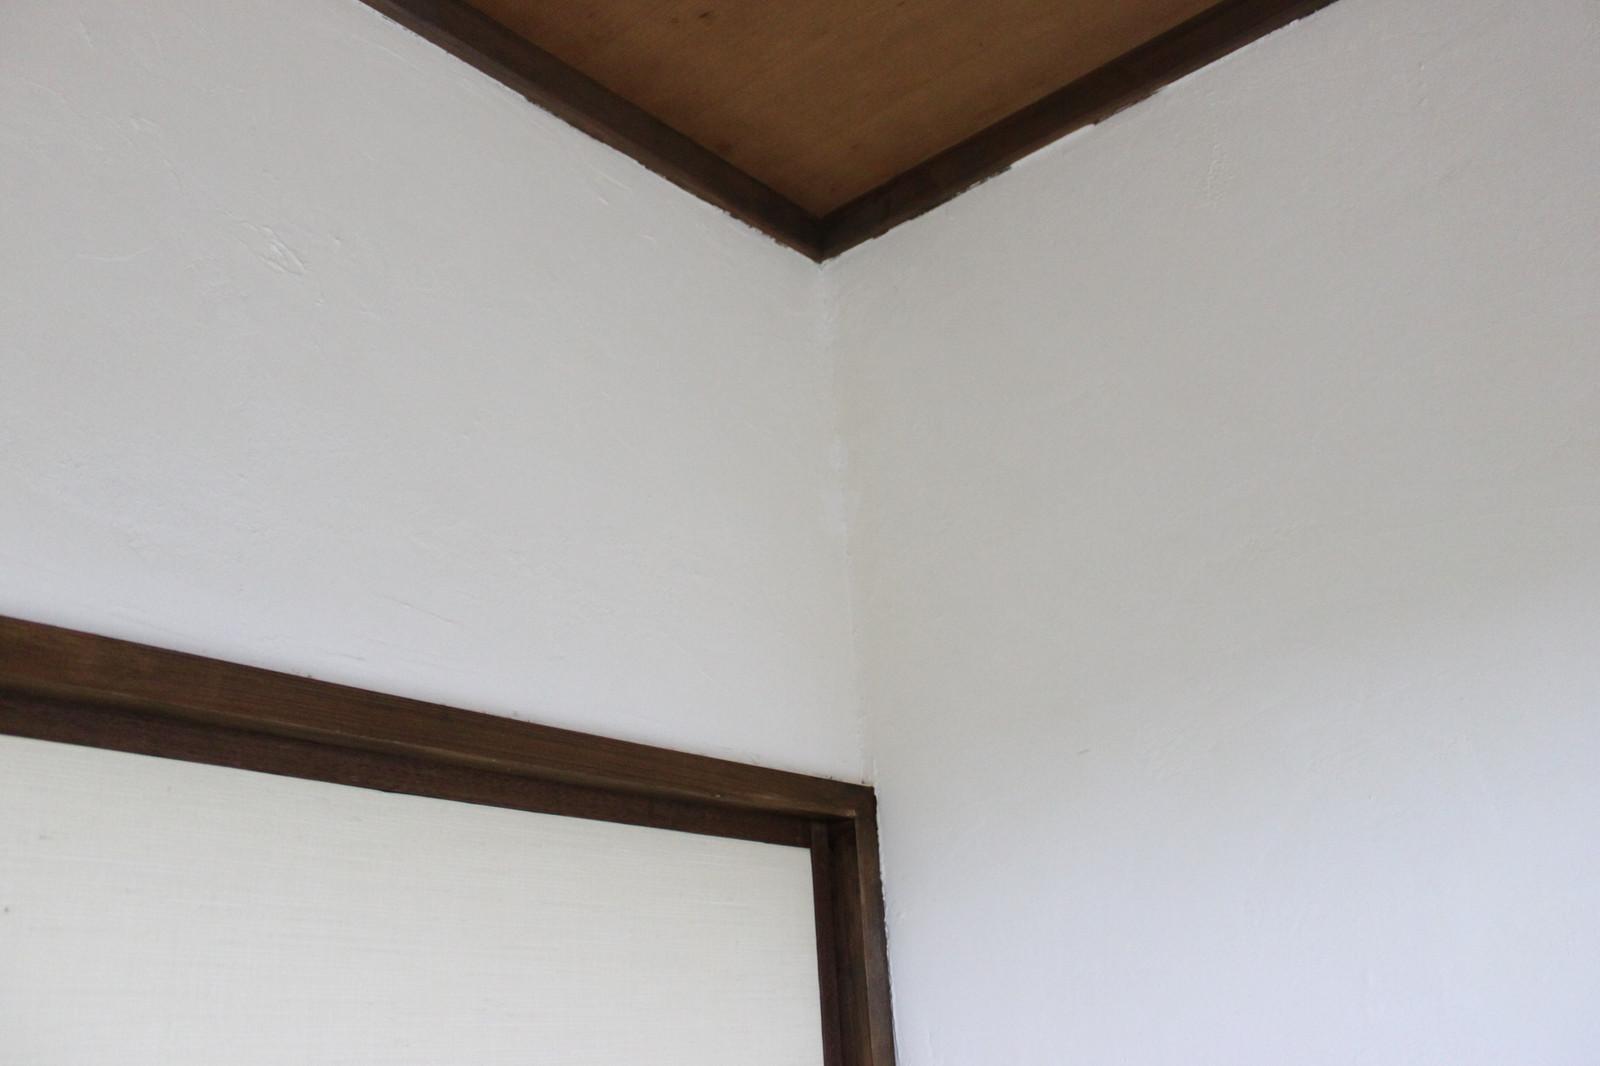 古民家風になりました 漆喰の壁 砂壁や壁紙クロスの上から施工可能